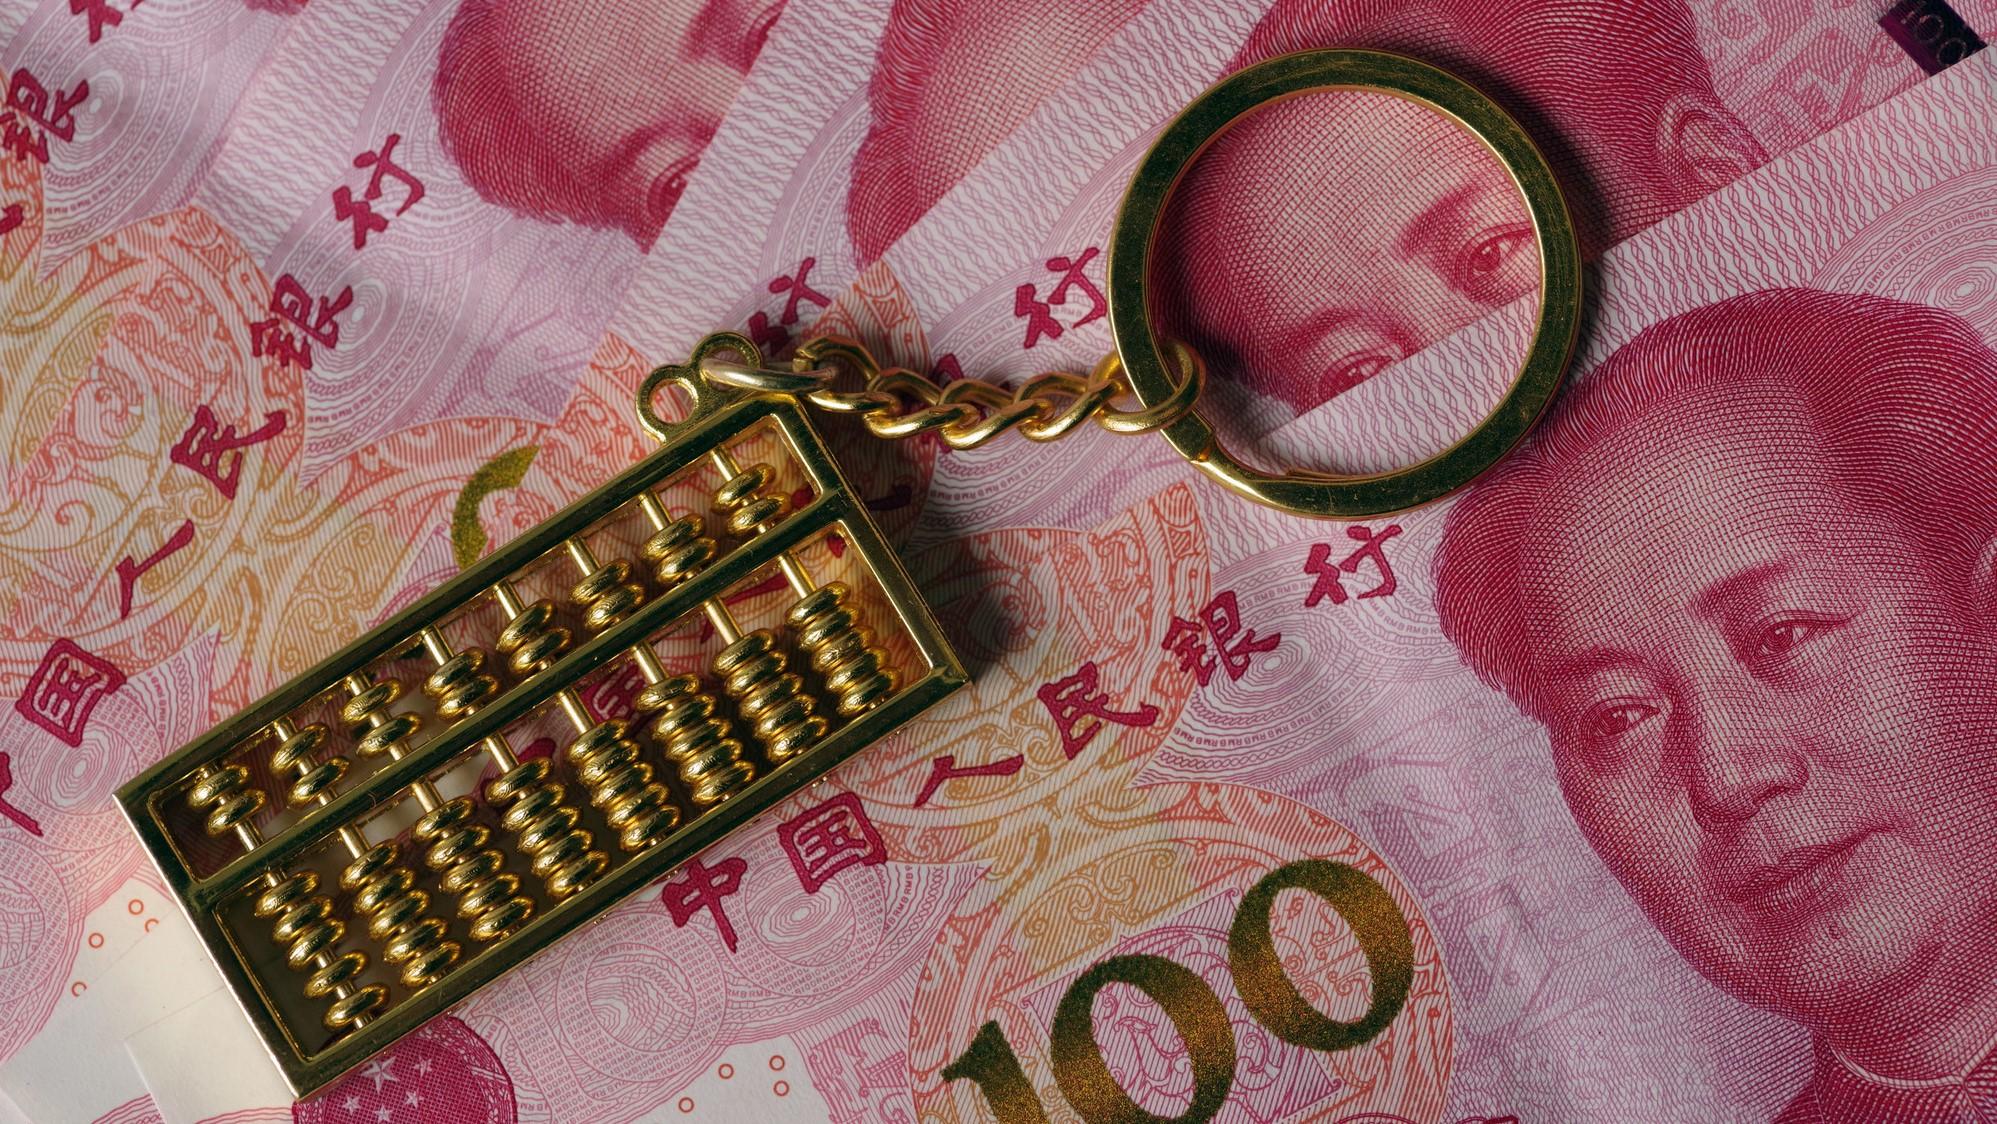 张明:中国国际收支结构的可能反转及潜在影响